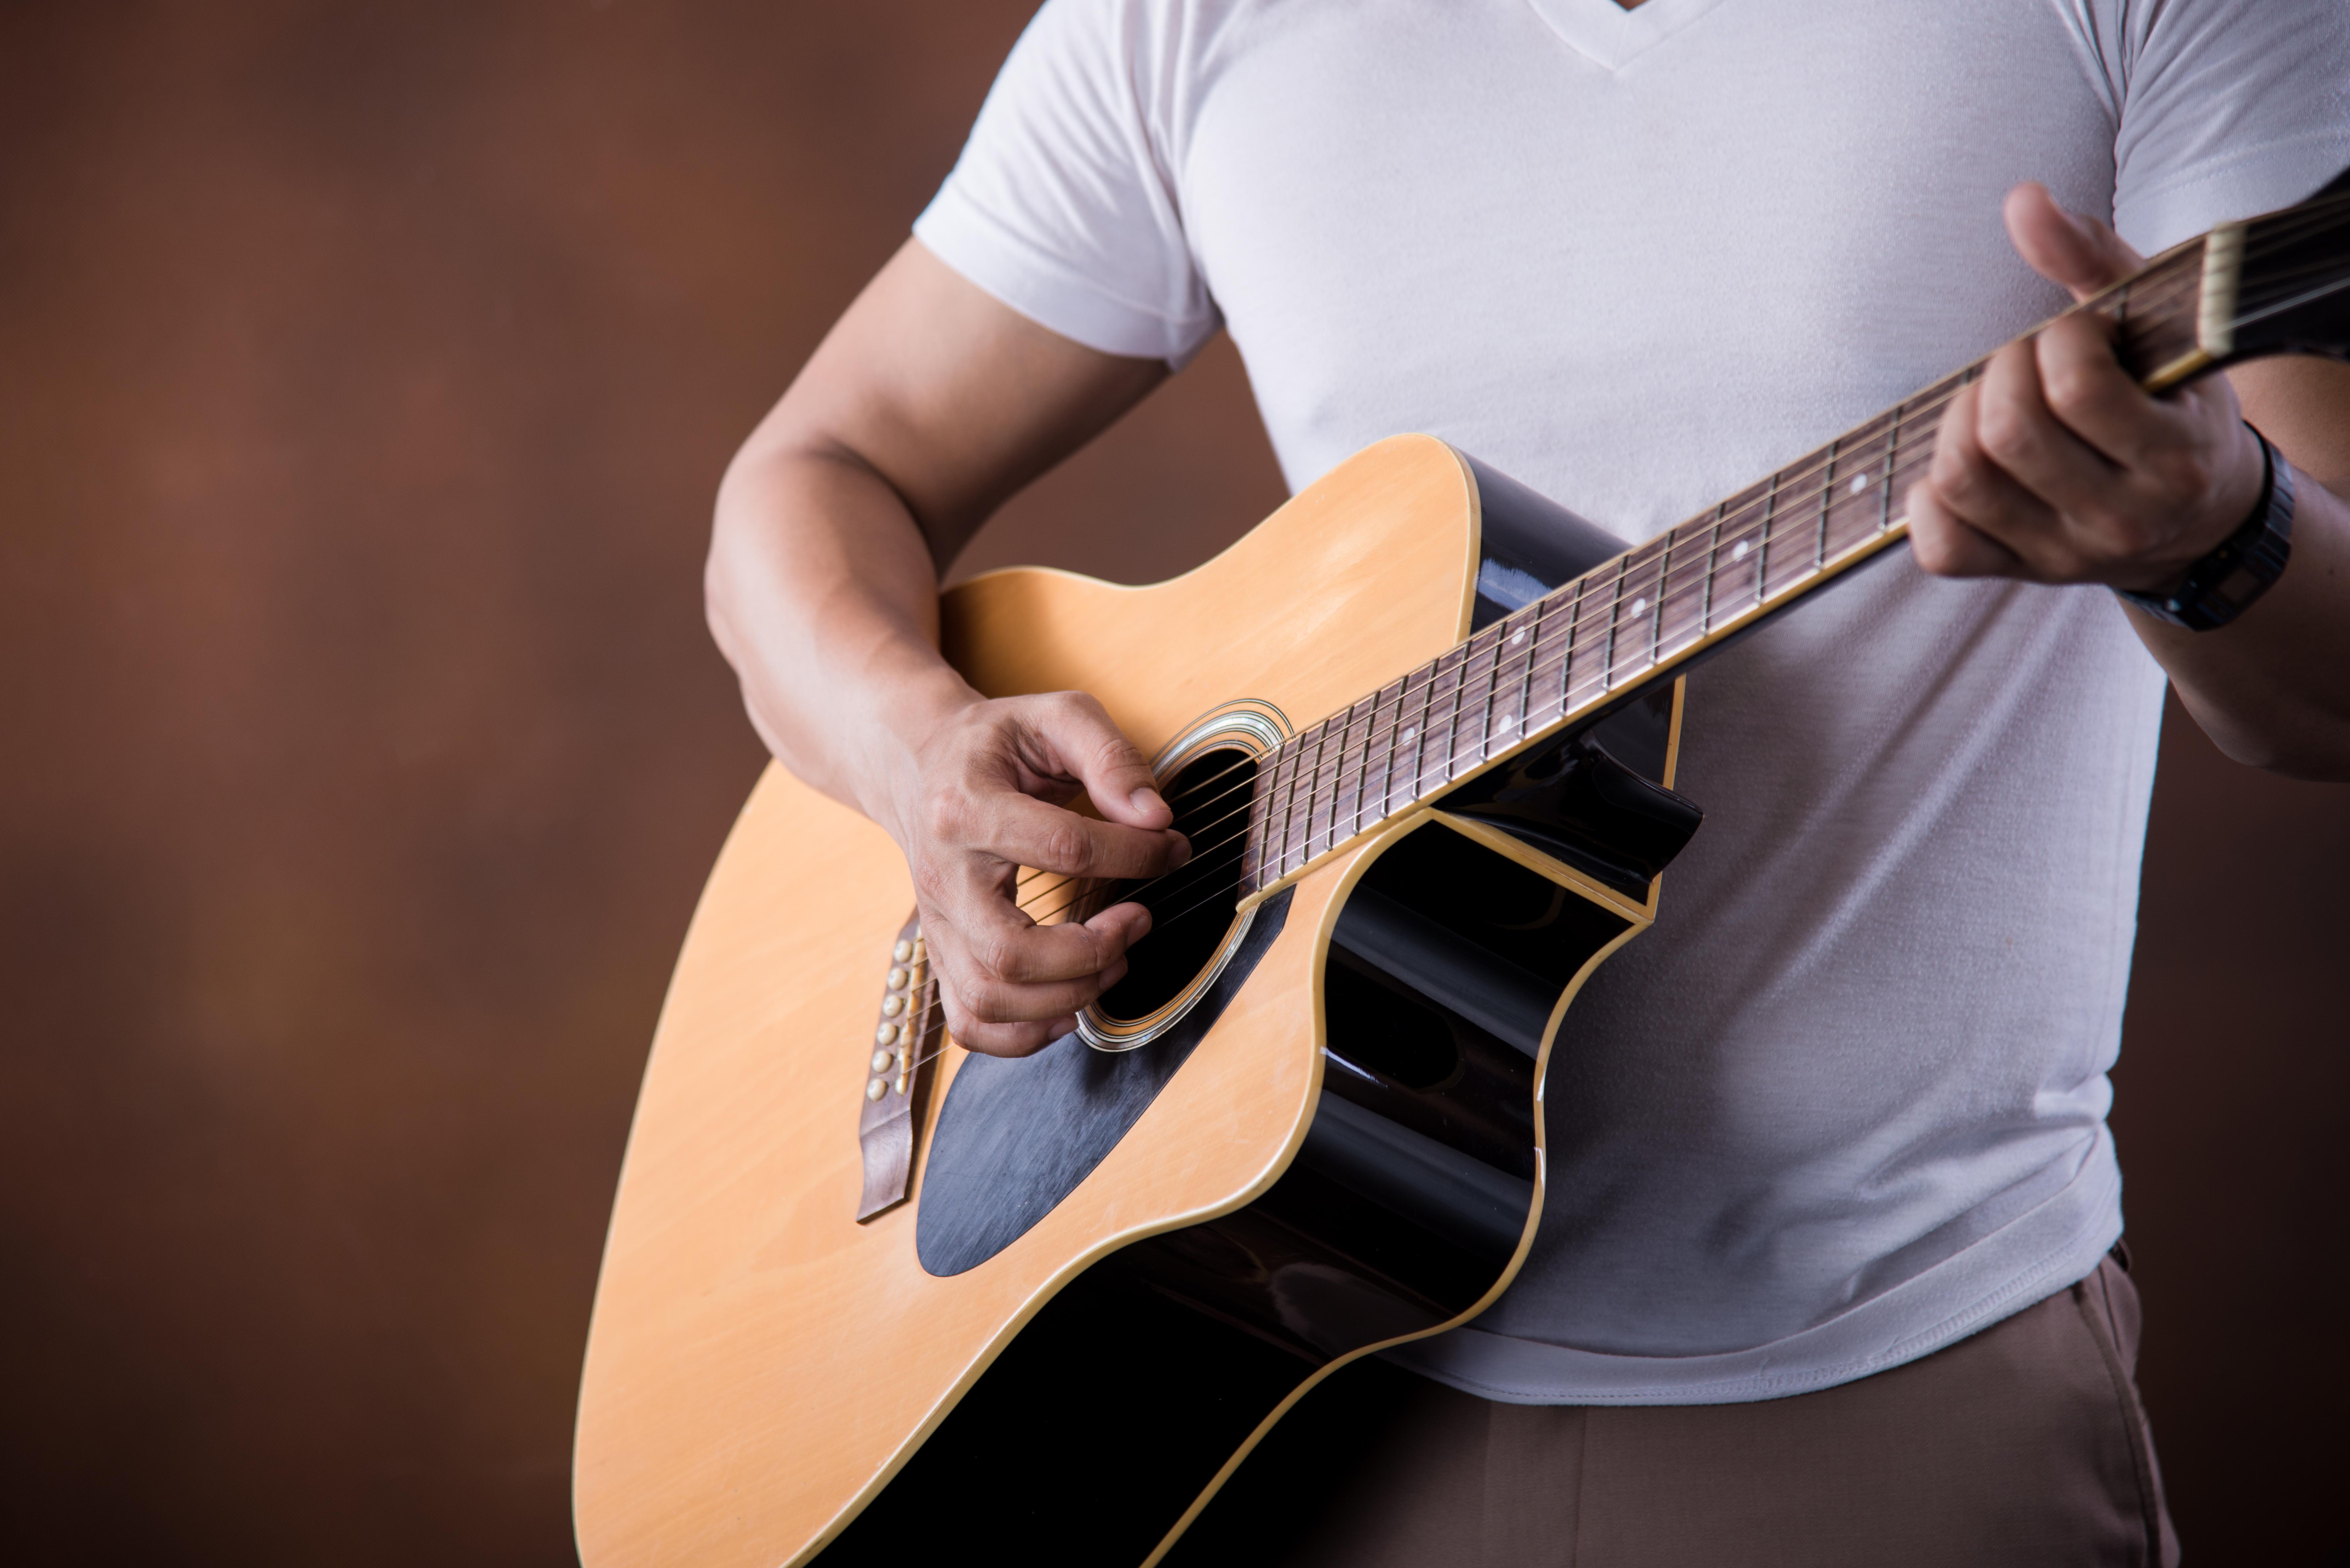 differentes-musiques-guitare-allegro-musique